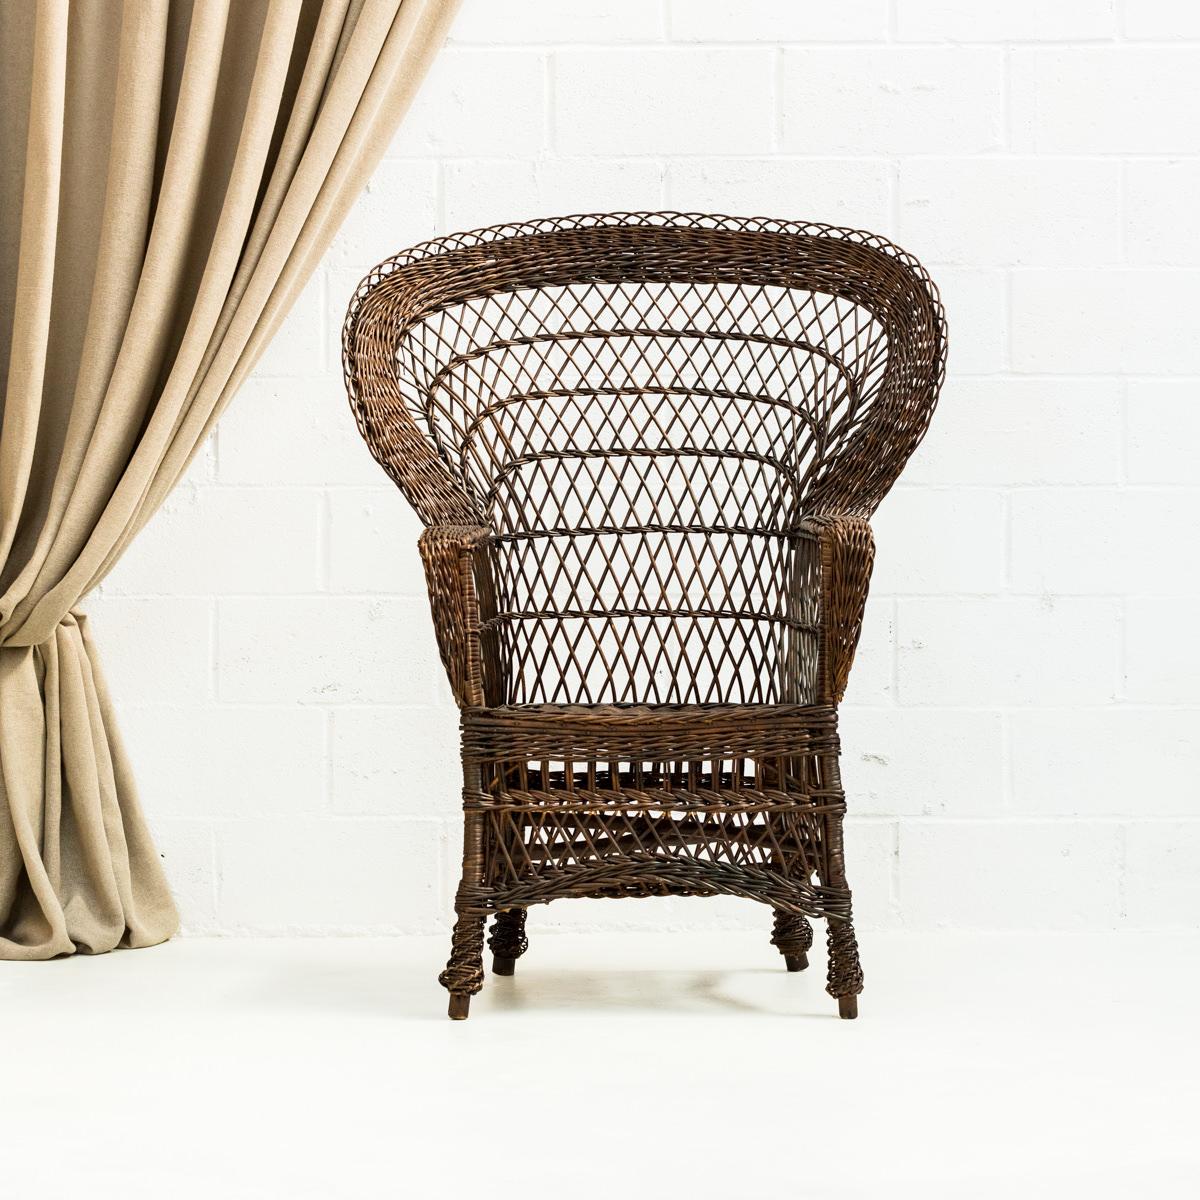 Sill n avignon memorias del ayer alquiler mobiliario - Muebles de mimbre en madrid ...